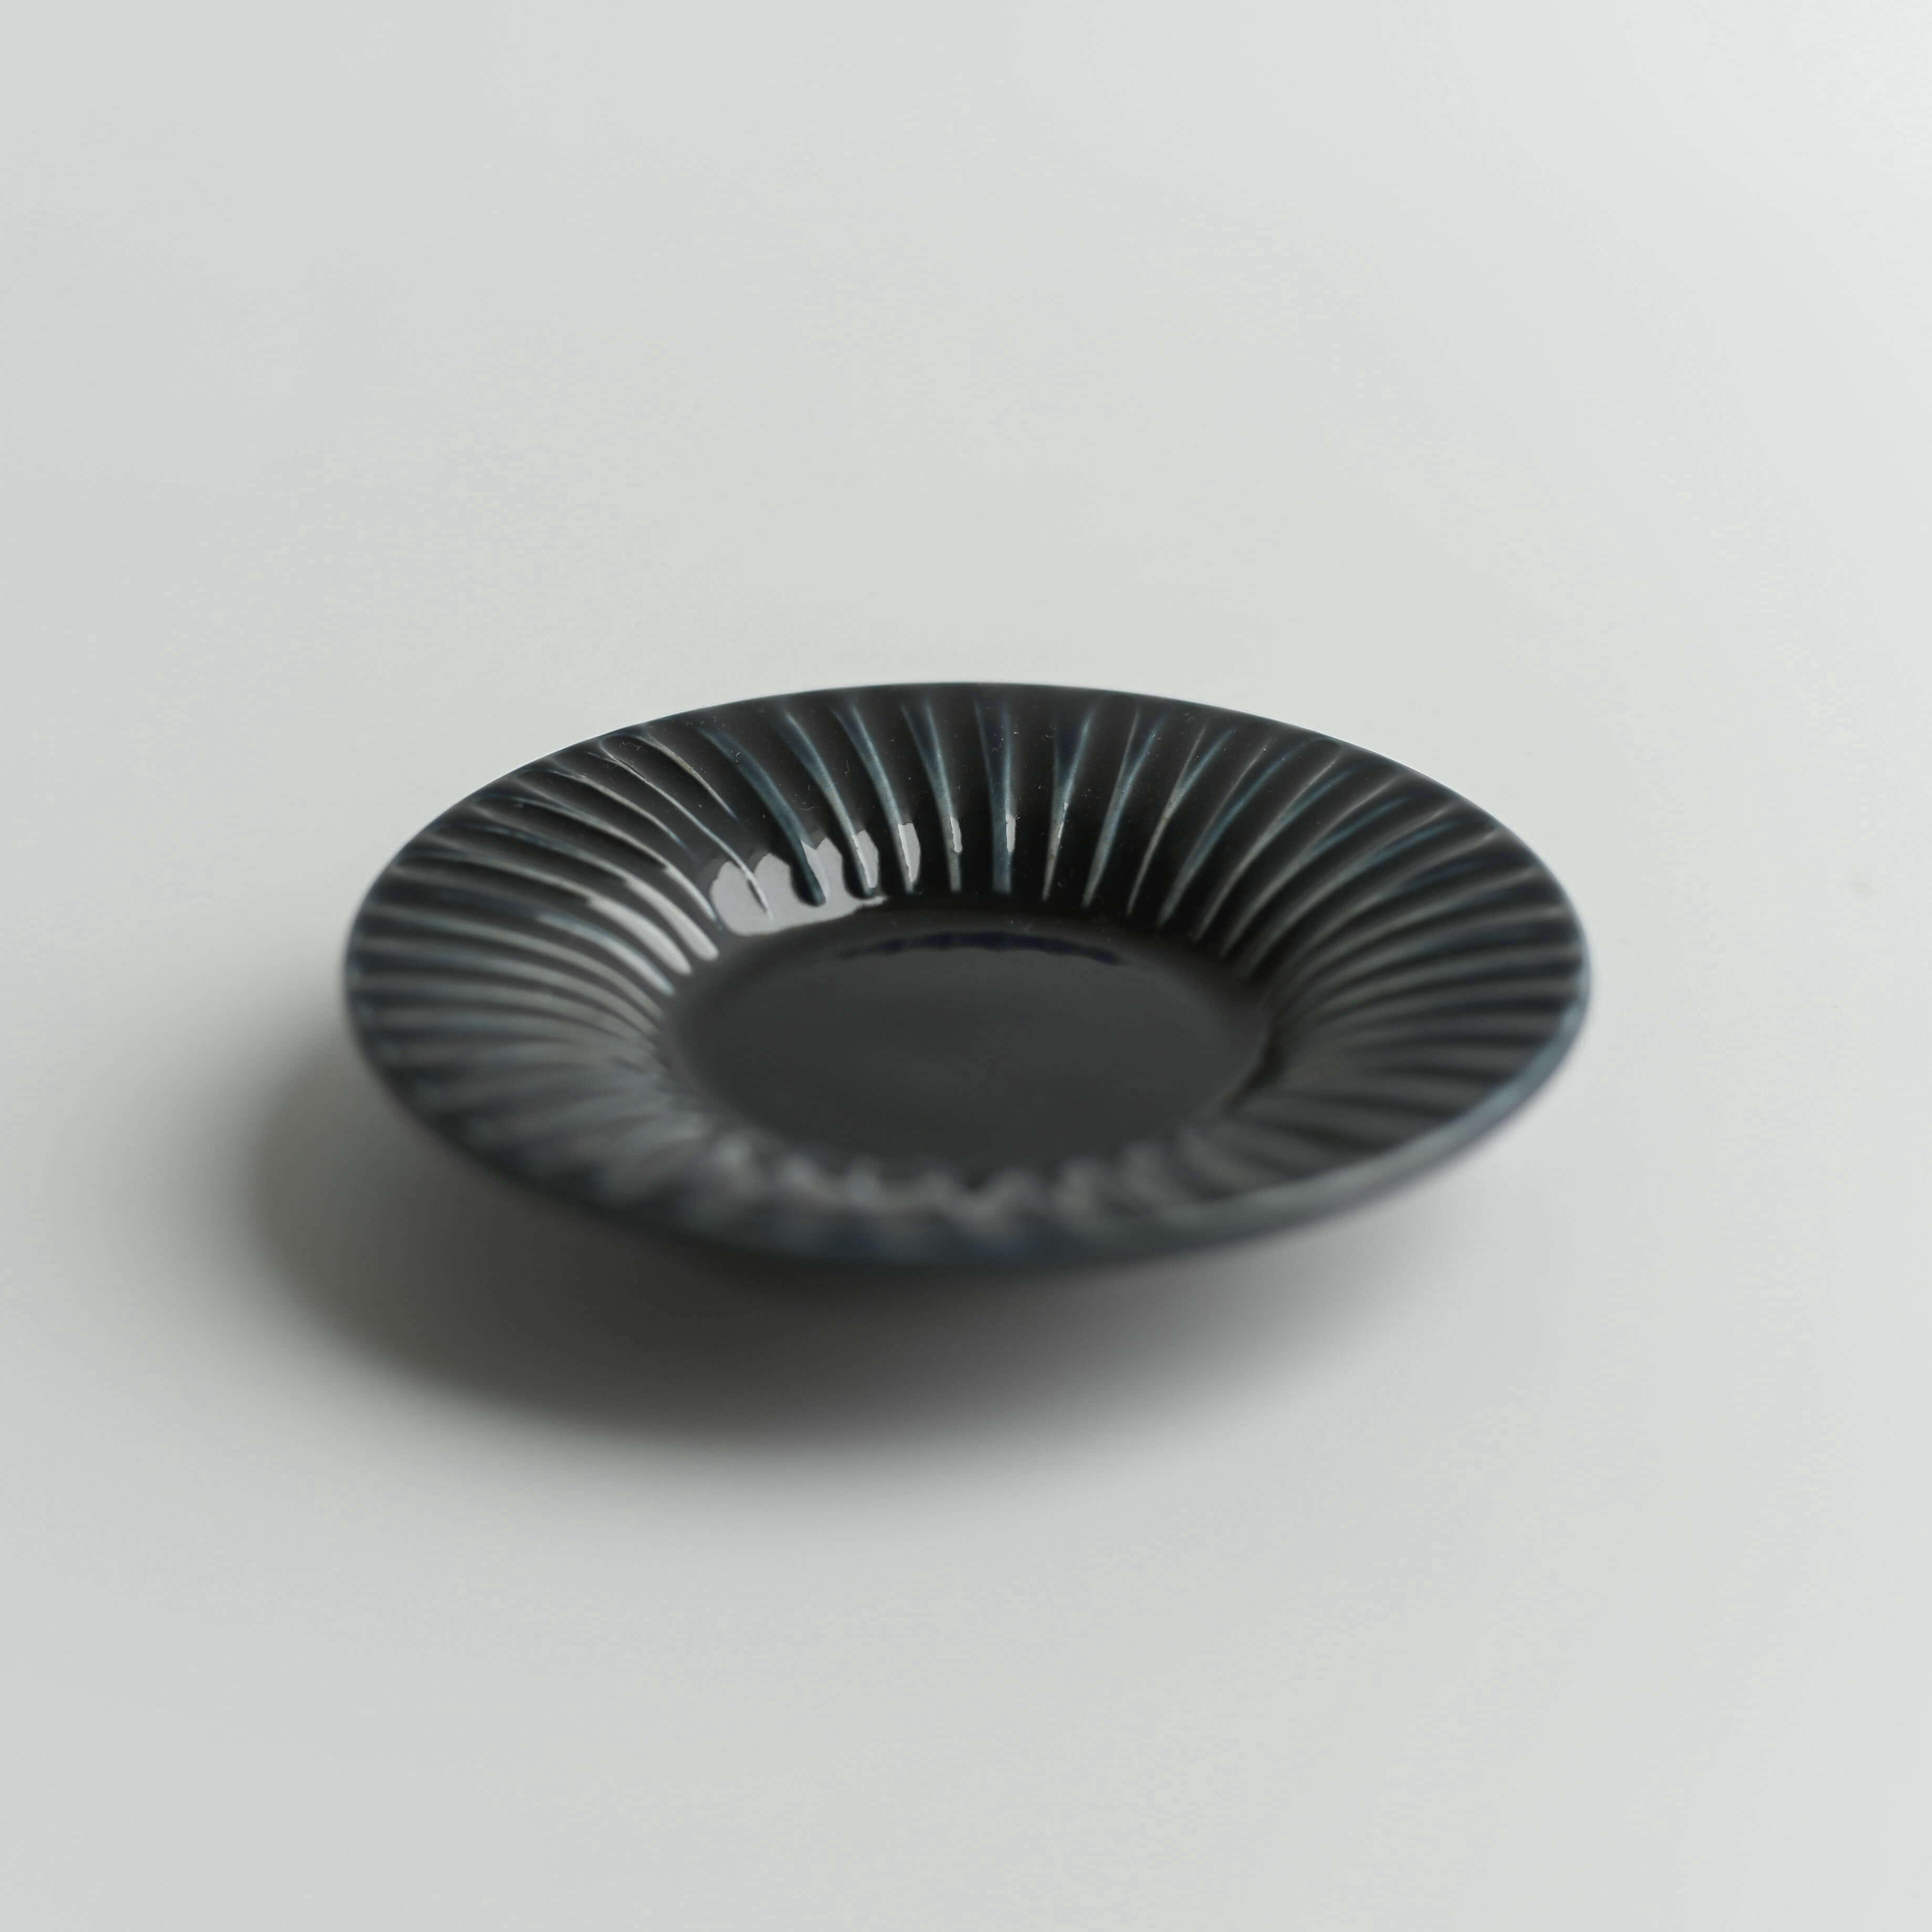 【小倉夏樹】鎬豆皿 瑠璃釉